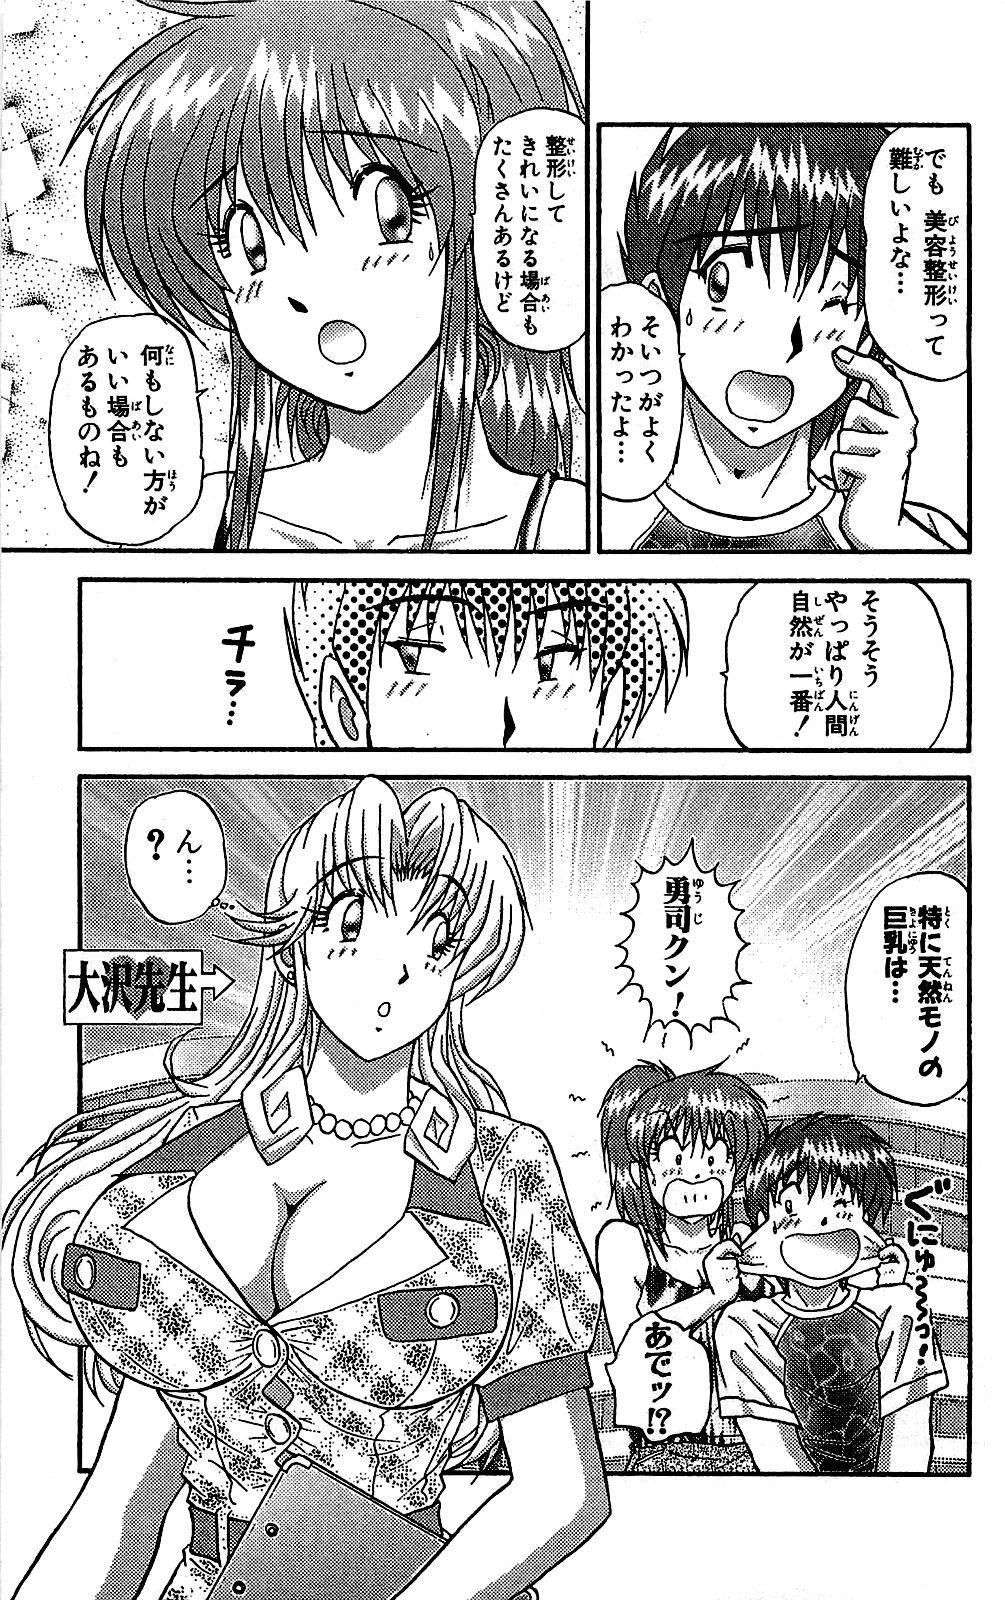 Miracle Make Yuuji 131